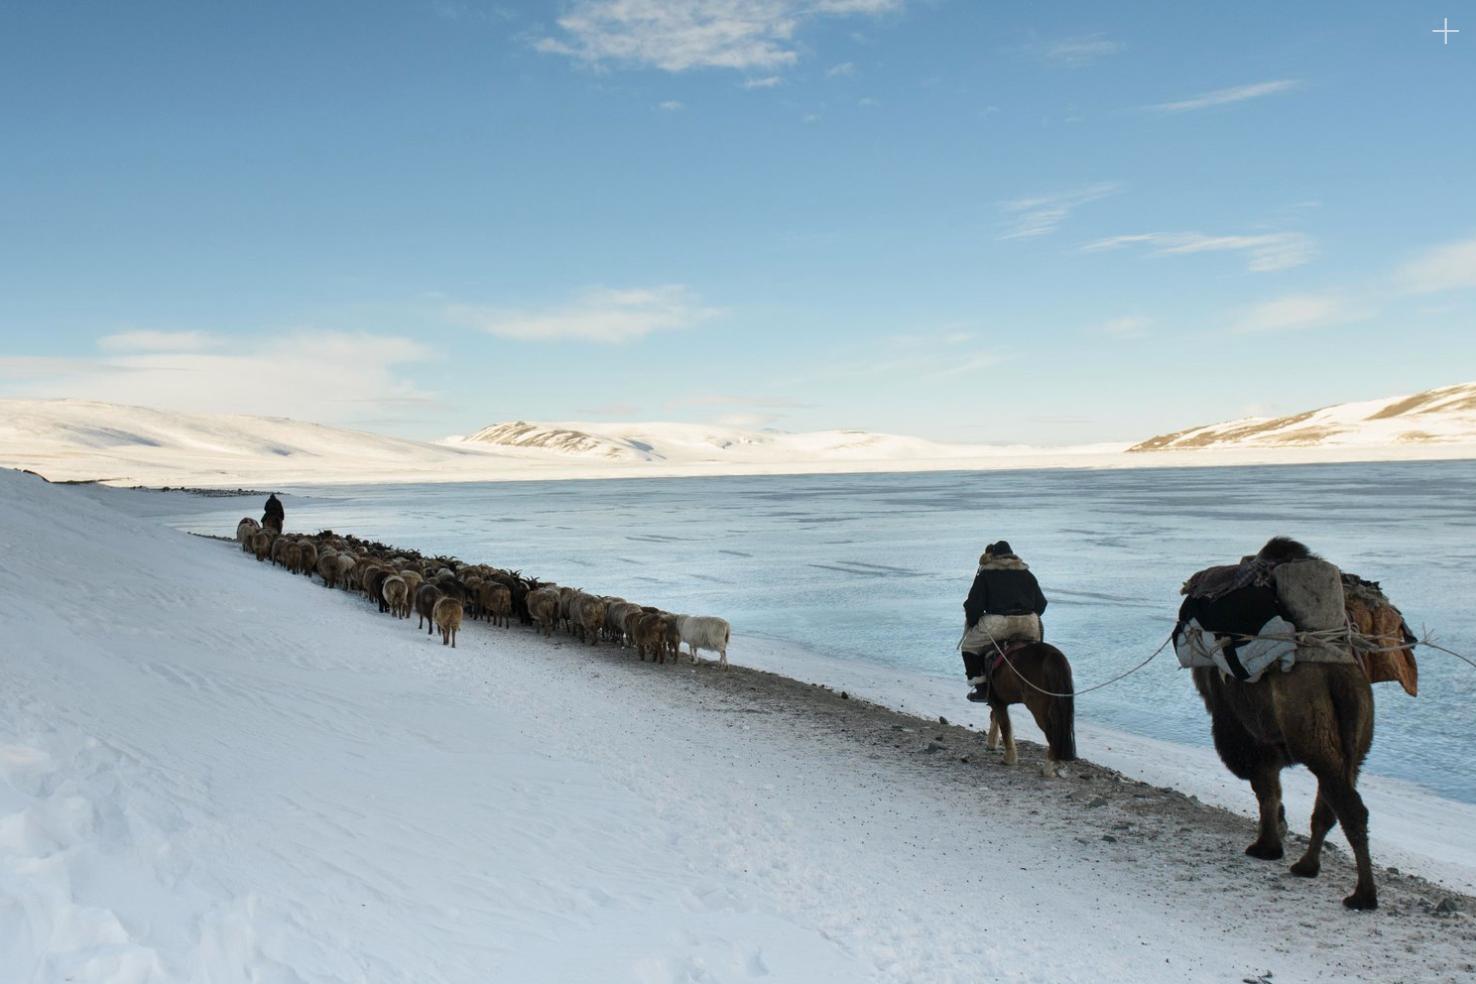 Spring Migration of the Kazakh nomads - Karolina Törnqvist Photography expedition • Sweden • 2018